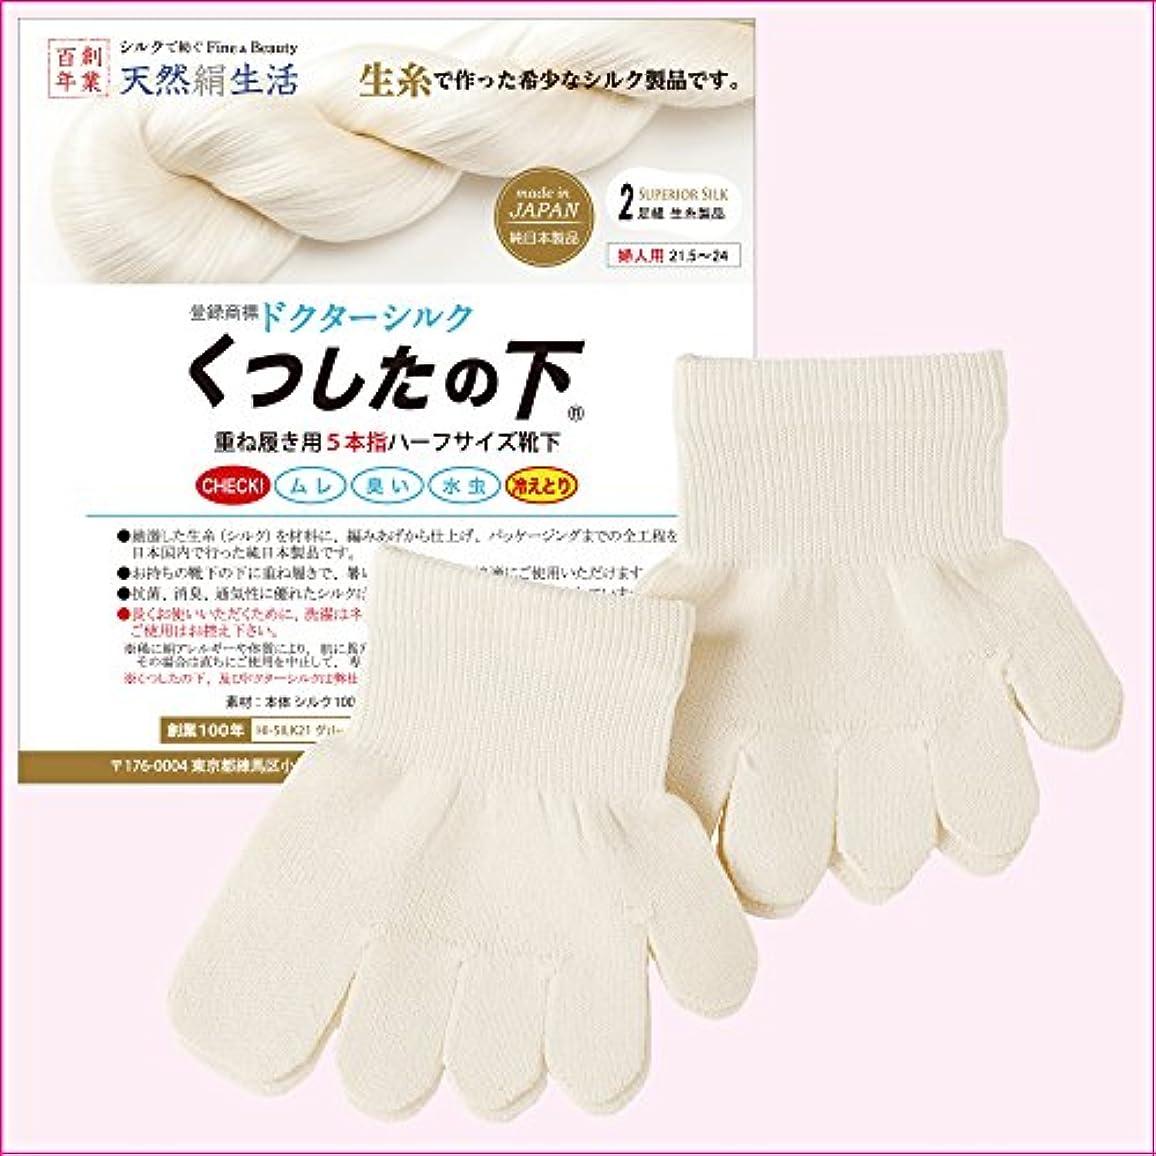 欠如事実代表する【純日本製】最高峰シルク 生糸 の5本指靴下_婦人用2足組『くつしたの下』生成り/冷えとり決定版